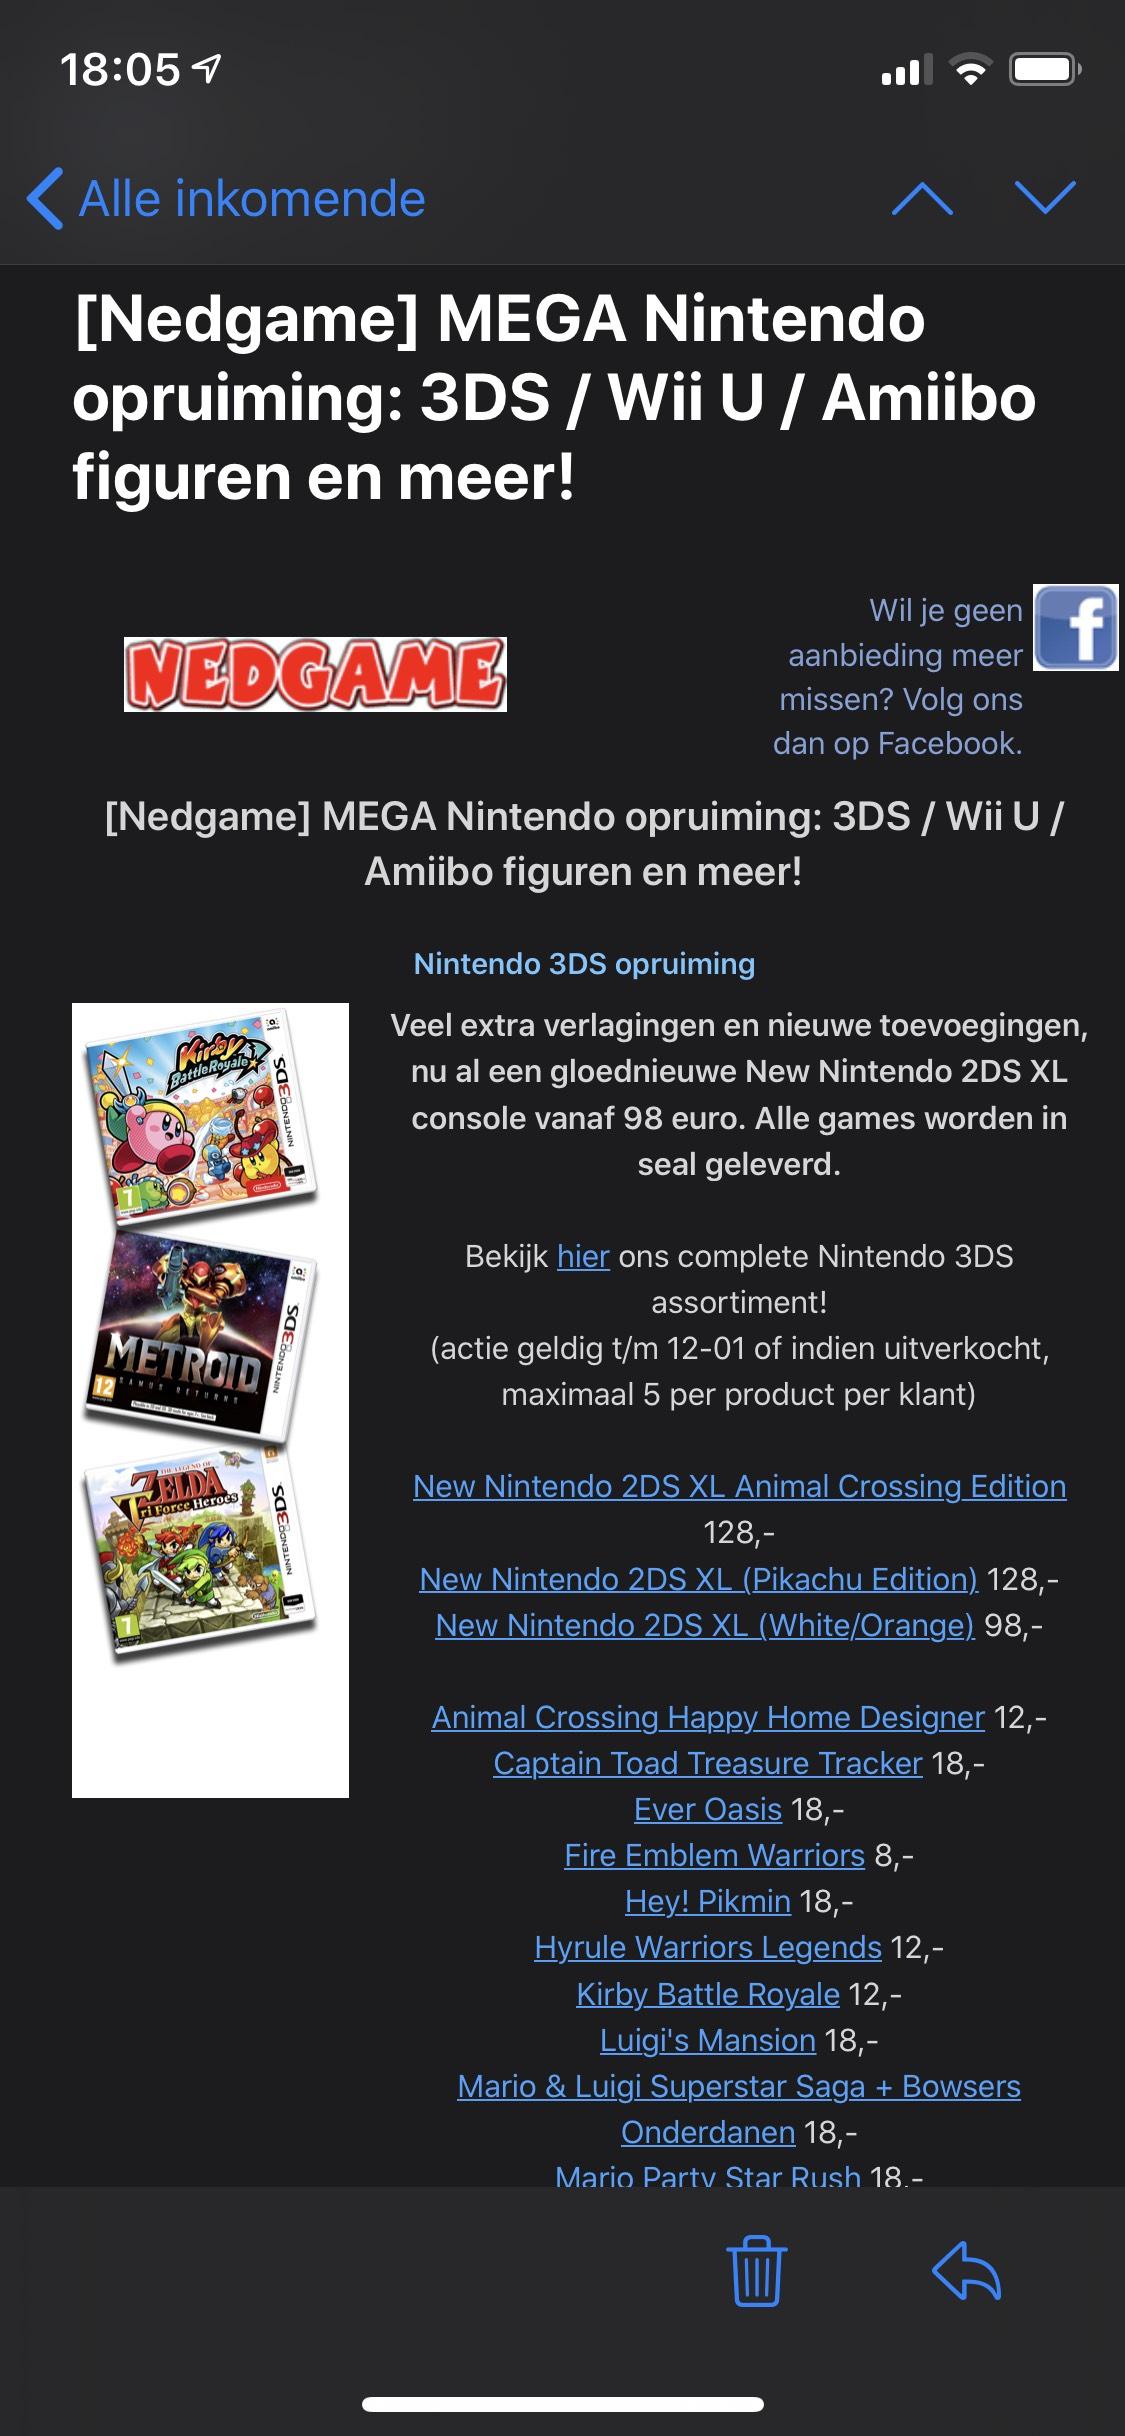 [Nedgame] MEGA Nintendo opruiming: 3DS / Wii U / Amiibo figuren en meer!